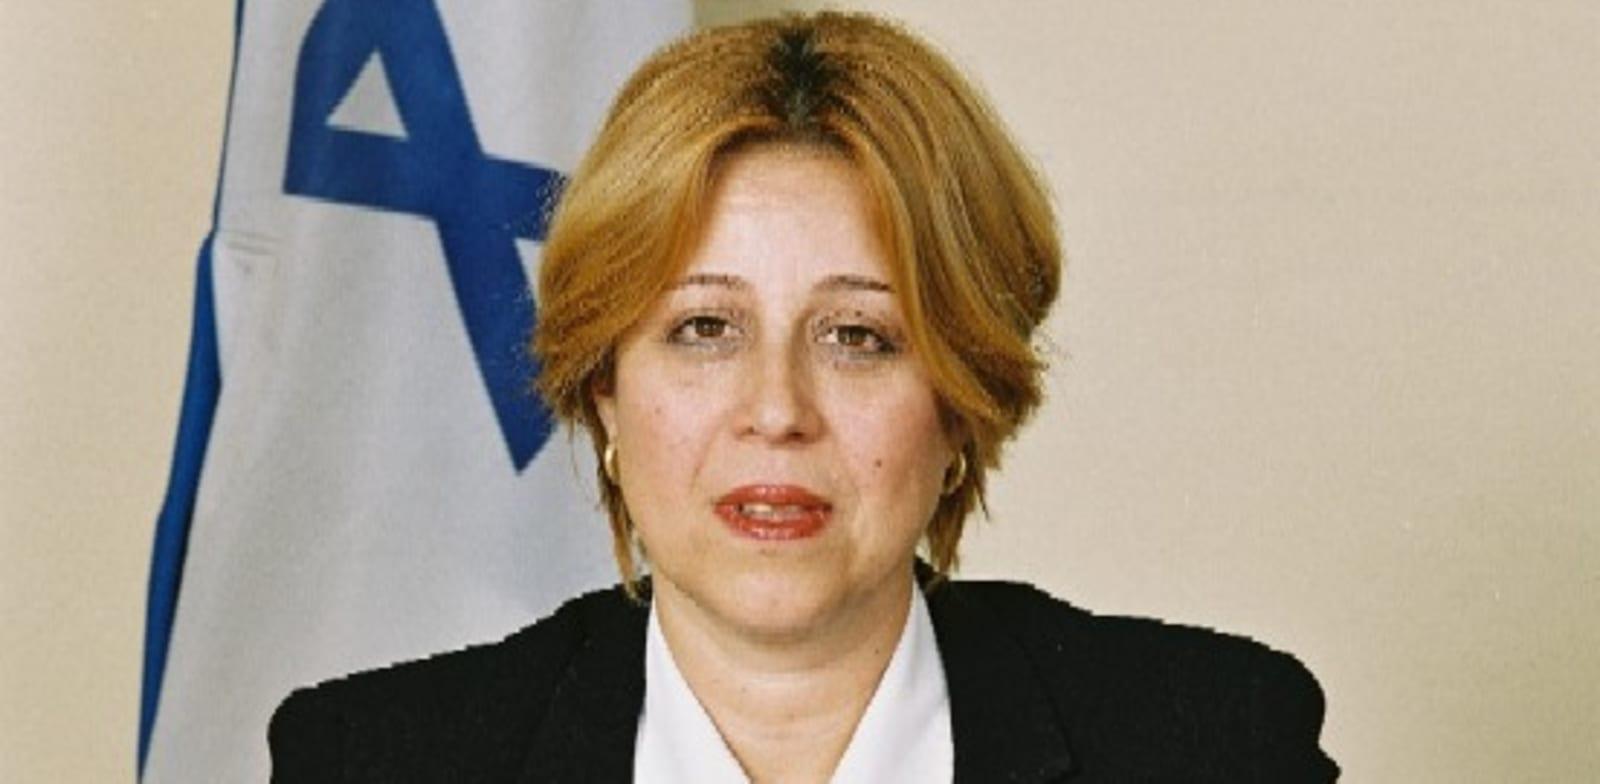 נשיאת בית הדין הארצי לעבודה, השופטת ורדה וירט-ליבנה / צילום: הנהלת בתי המשפט